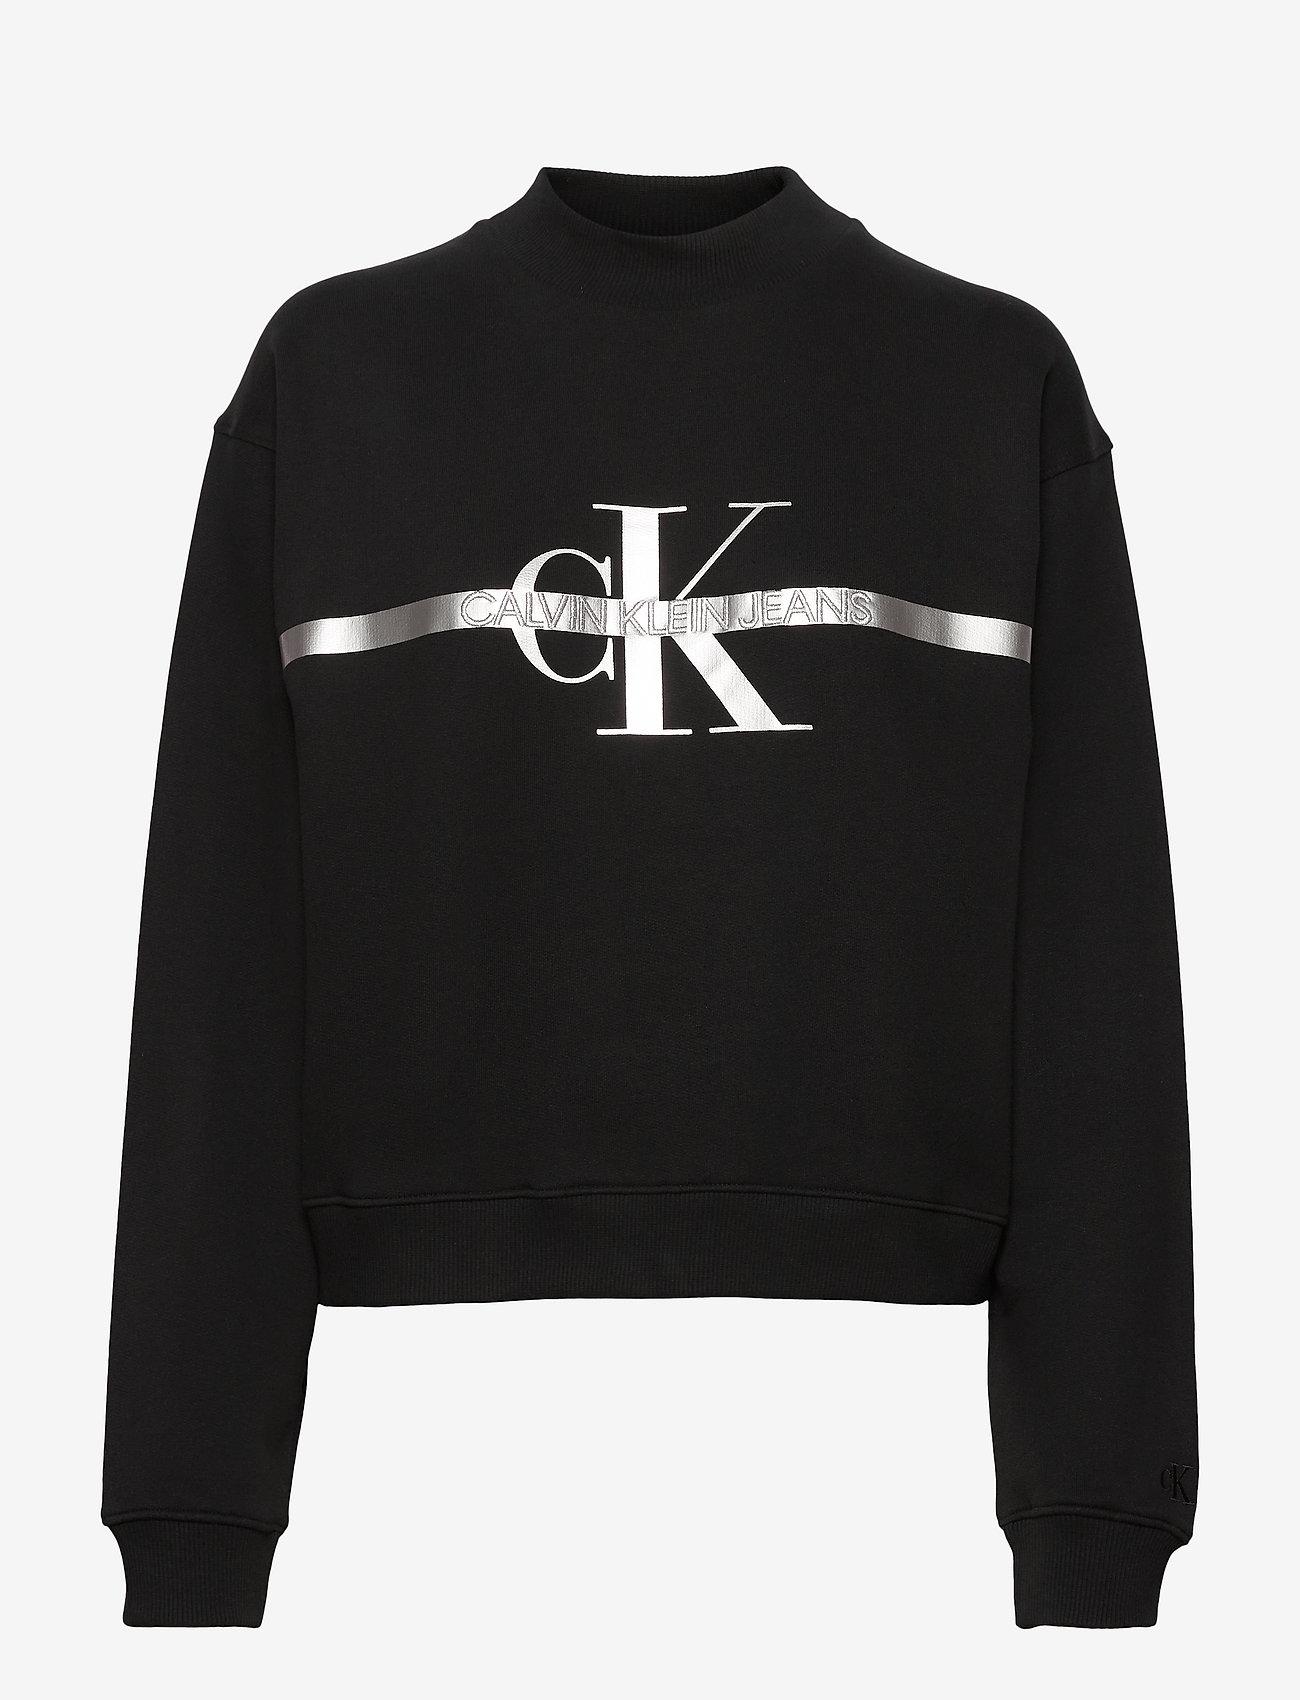 Calvin Klein Jeans - GOLD MONOGRAM SWEATSHIRT - gensere og hettegensere - ck black - 0